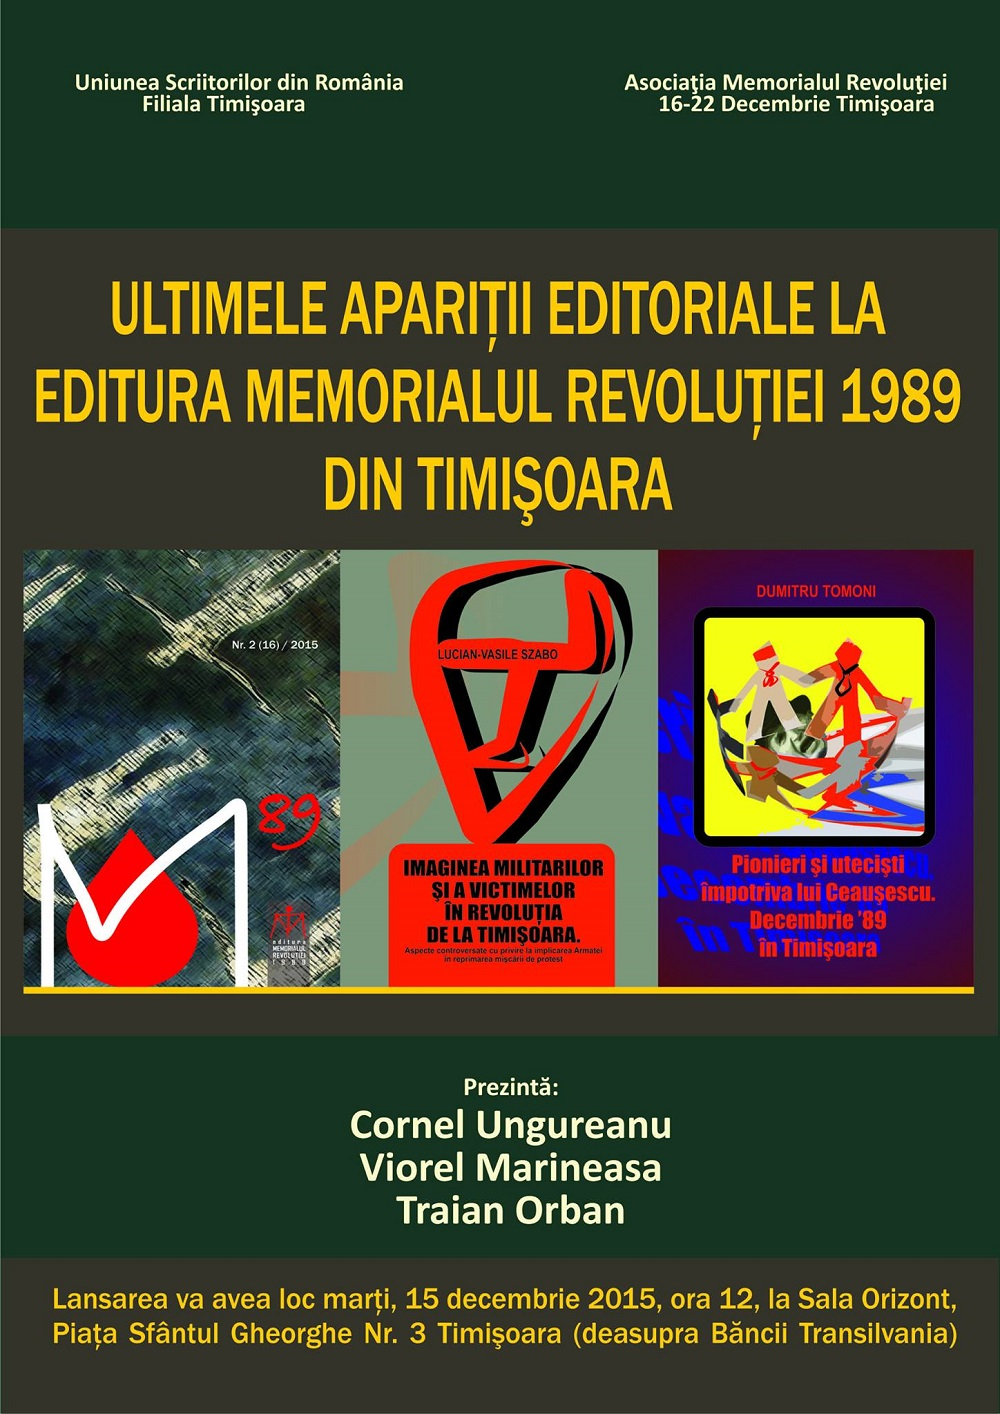 Aparitii editoriale